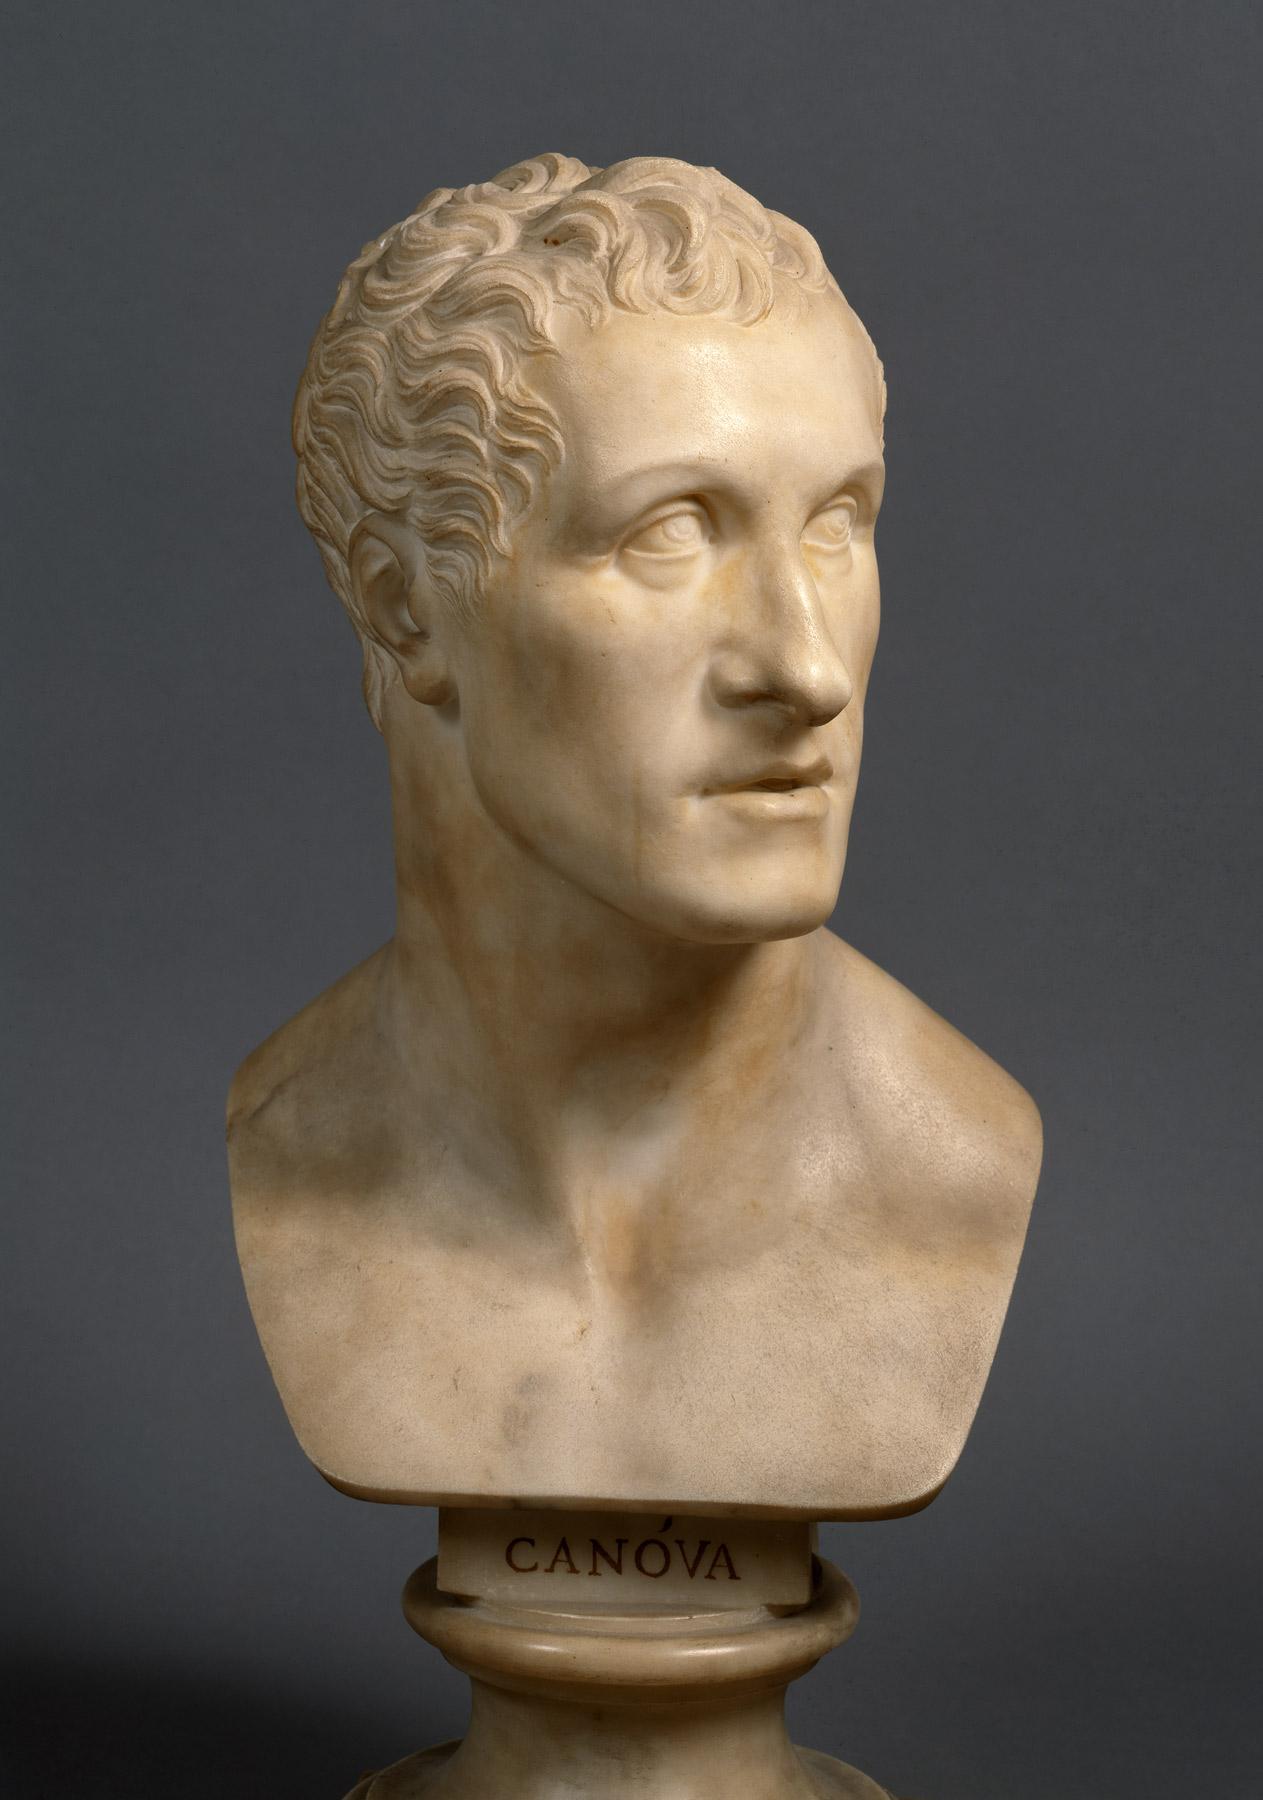 Antonio Canova, Busto di Antonio Canova (1832; marmo, 50,5 × 23 × 21 cm; Città del Vaticano, Musei Vaticani, inv. 15935)